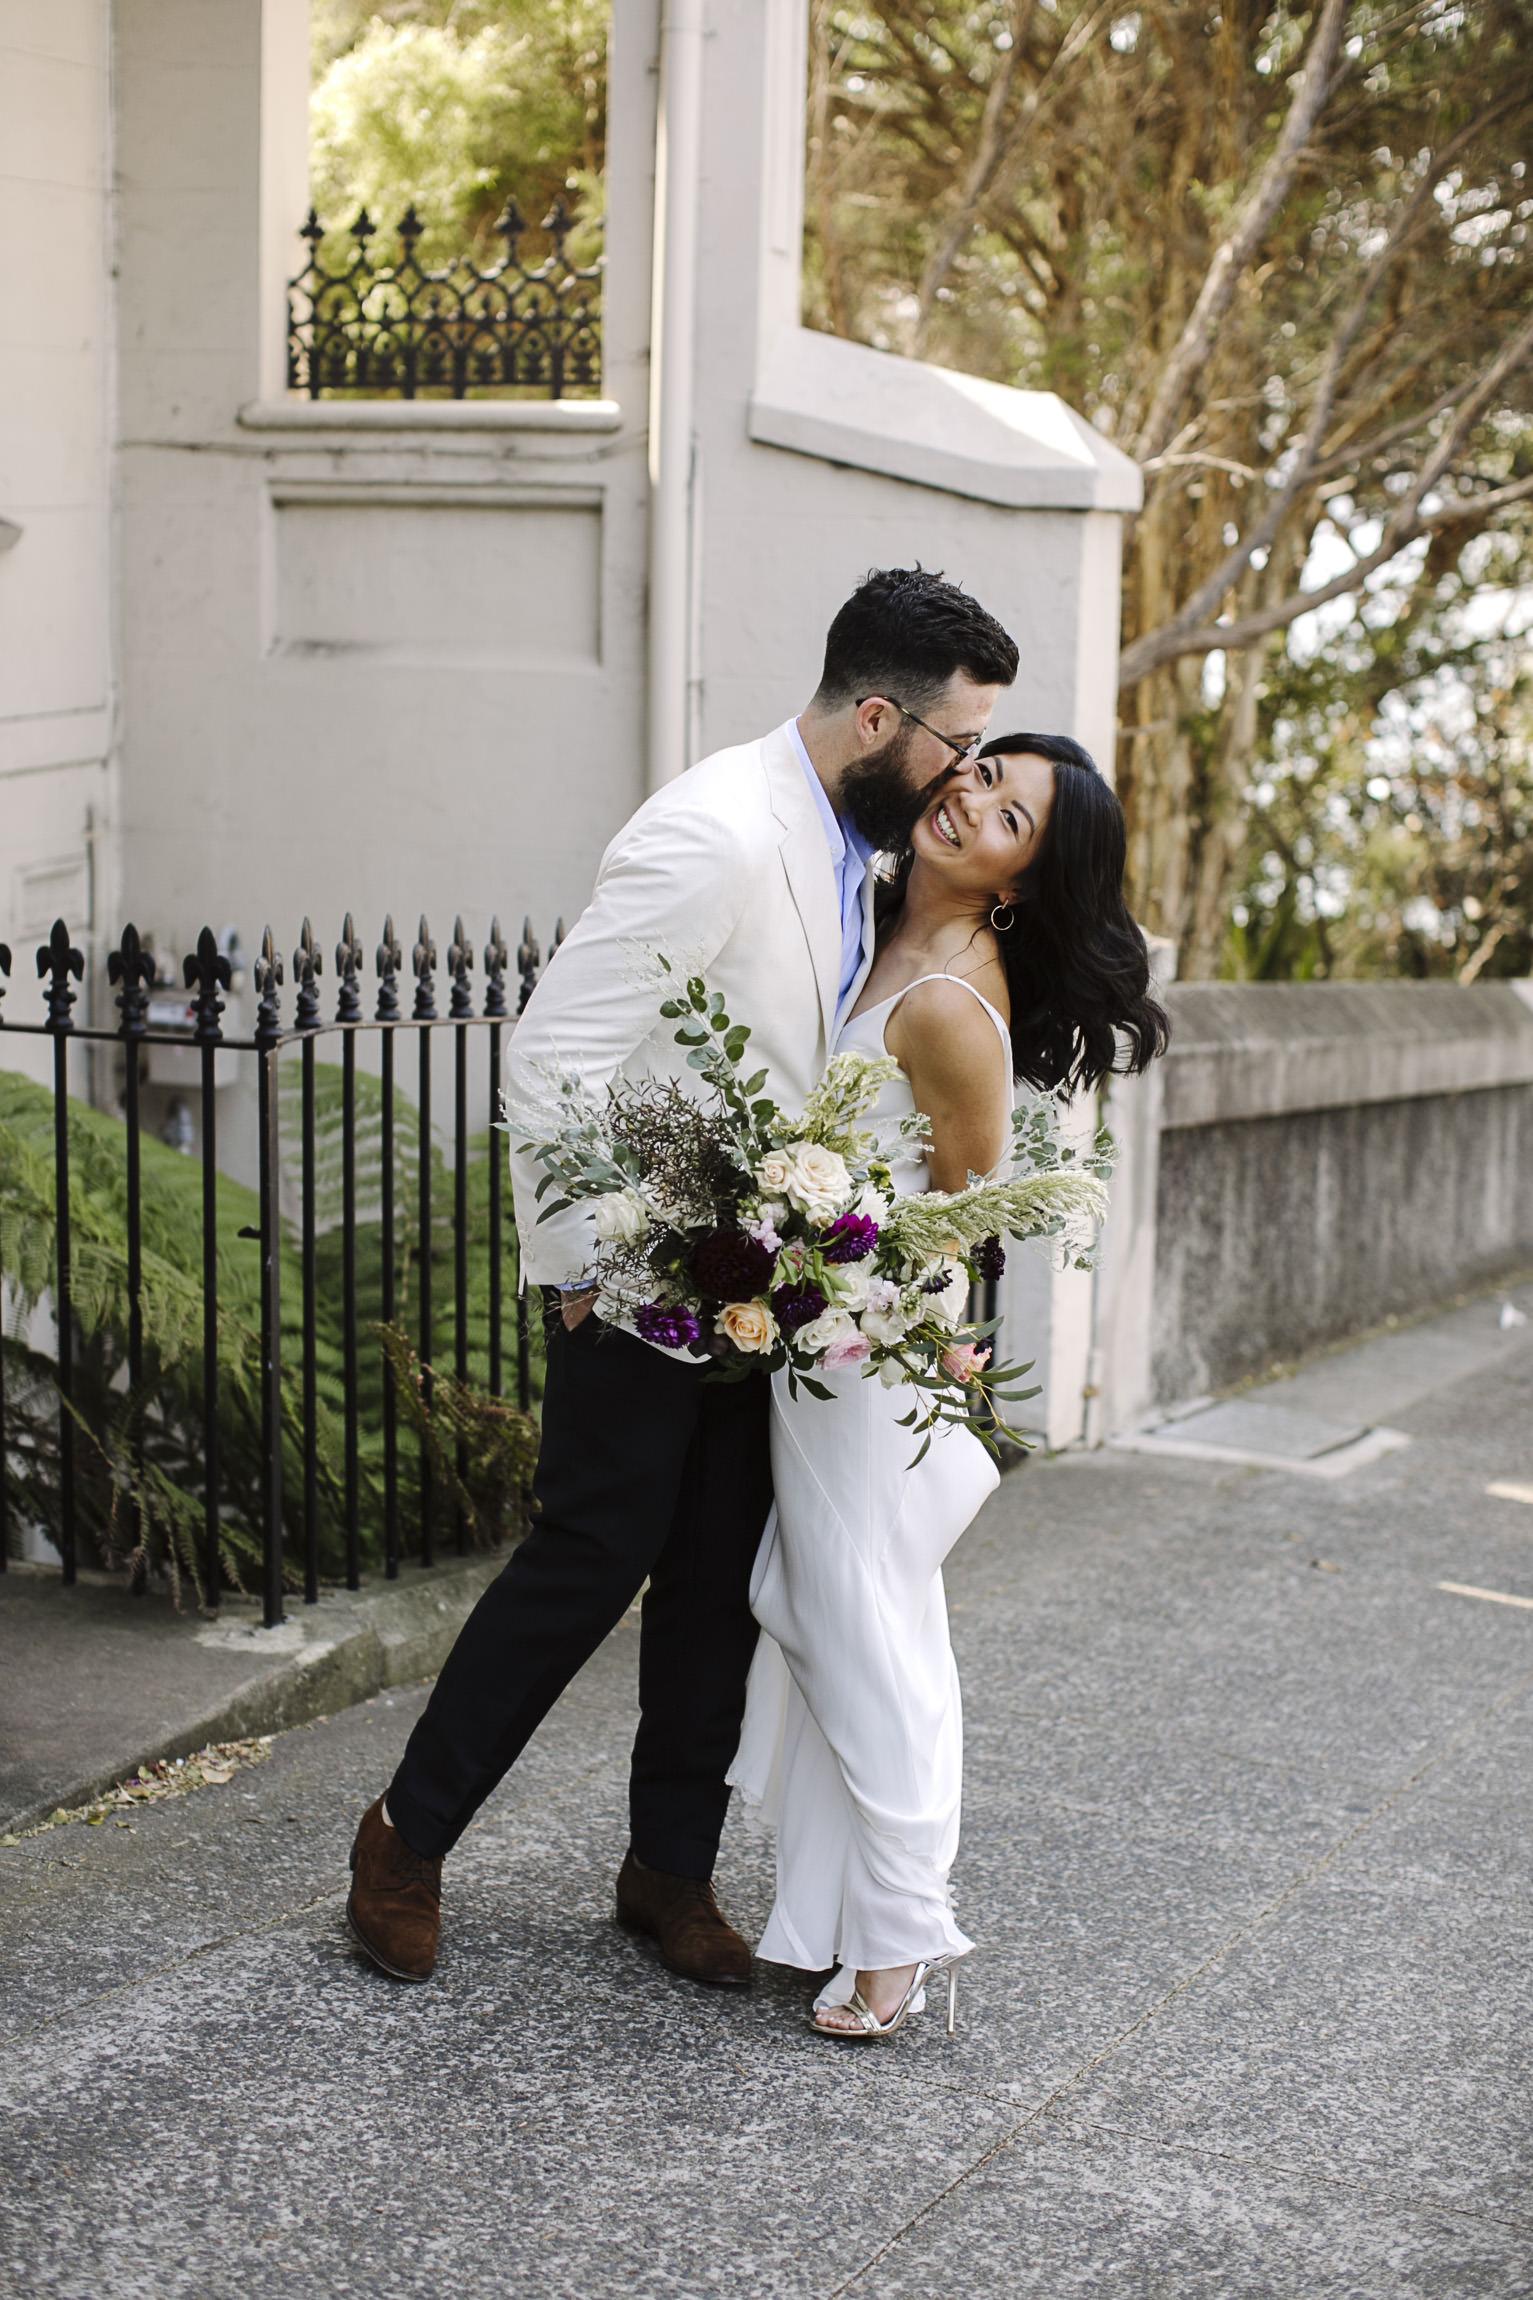 180420_justinaaron_wedding_yang_ben_h-202.jpg